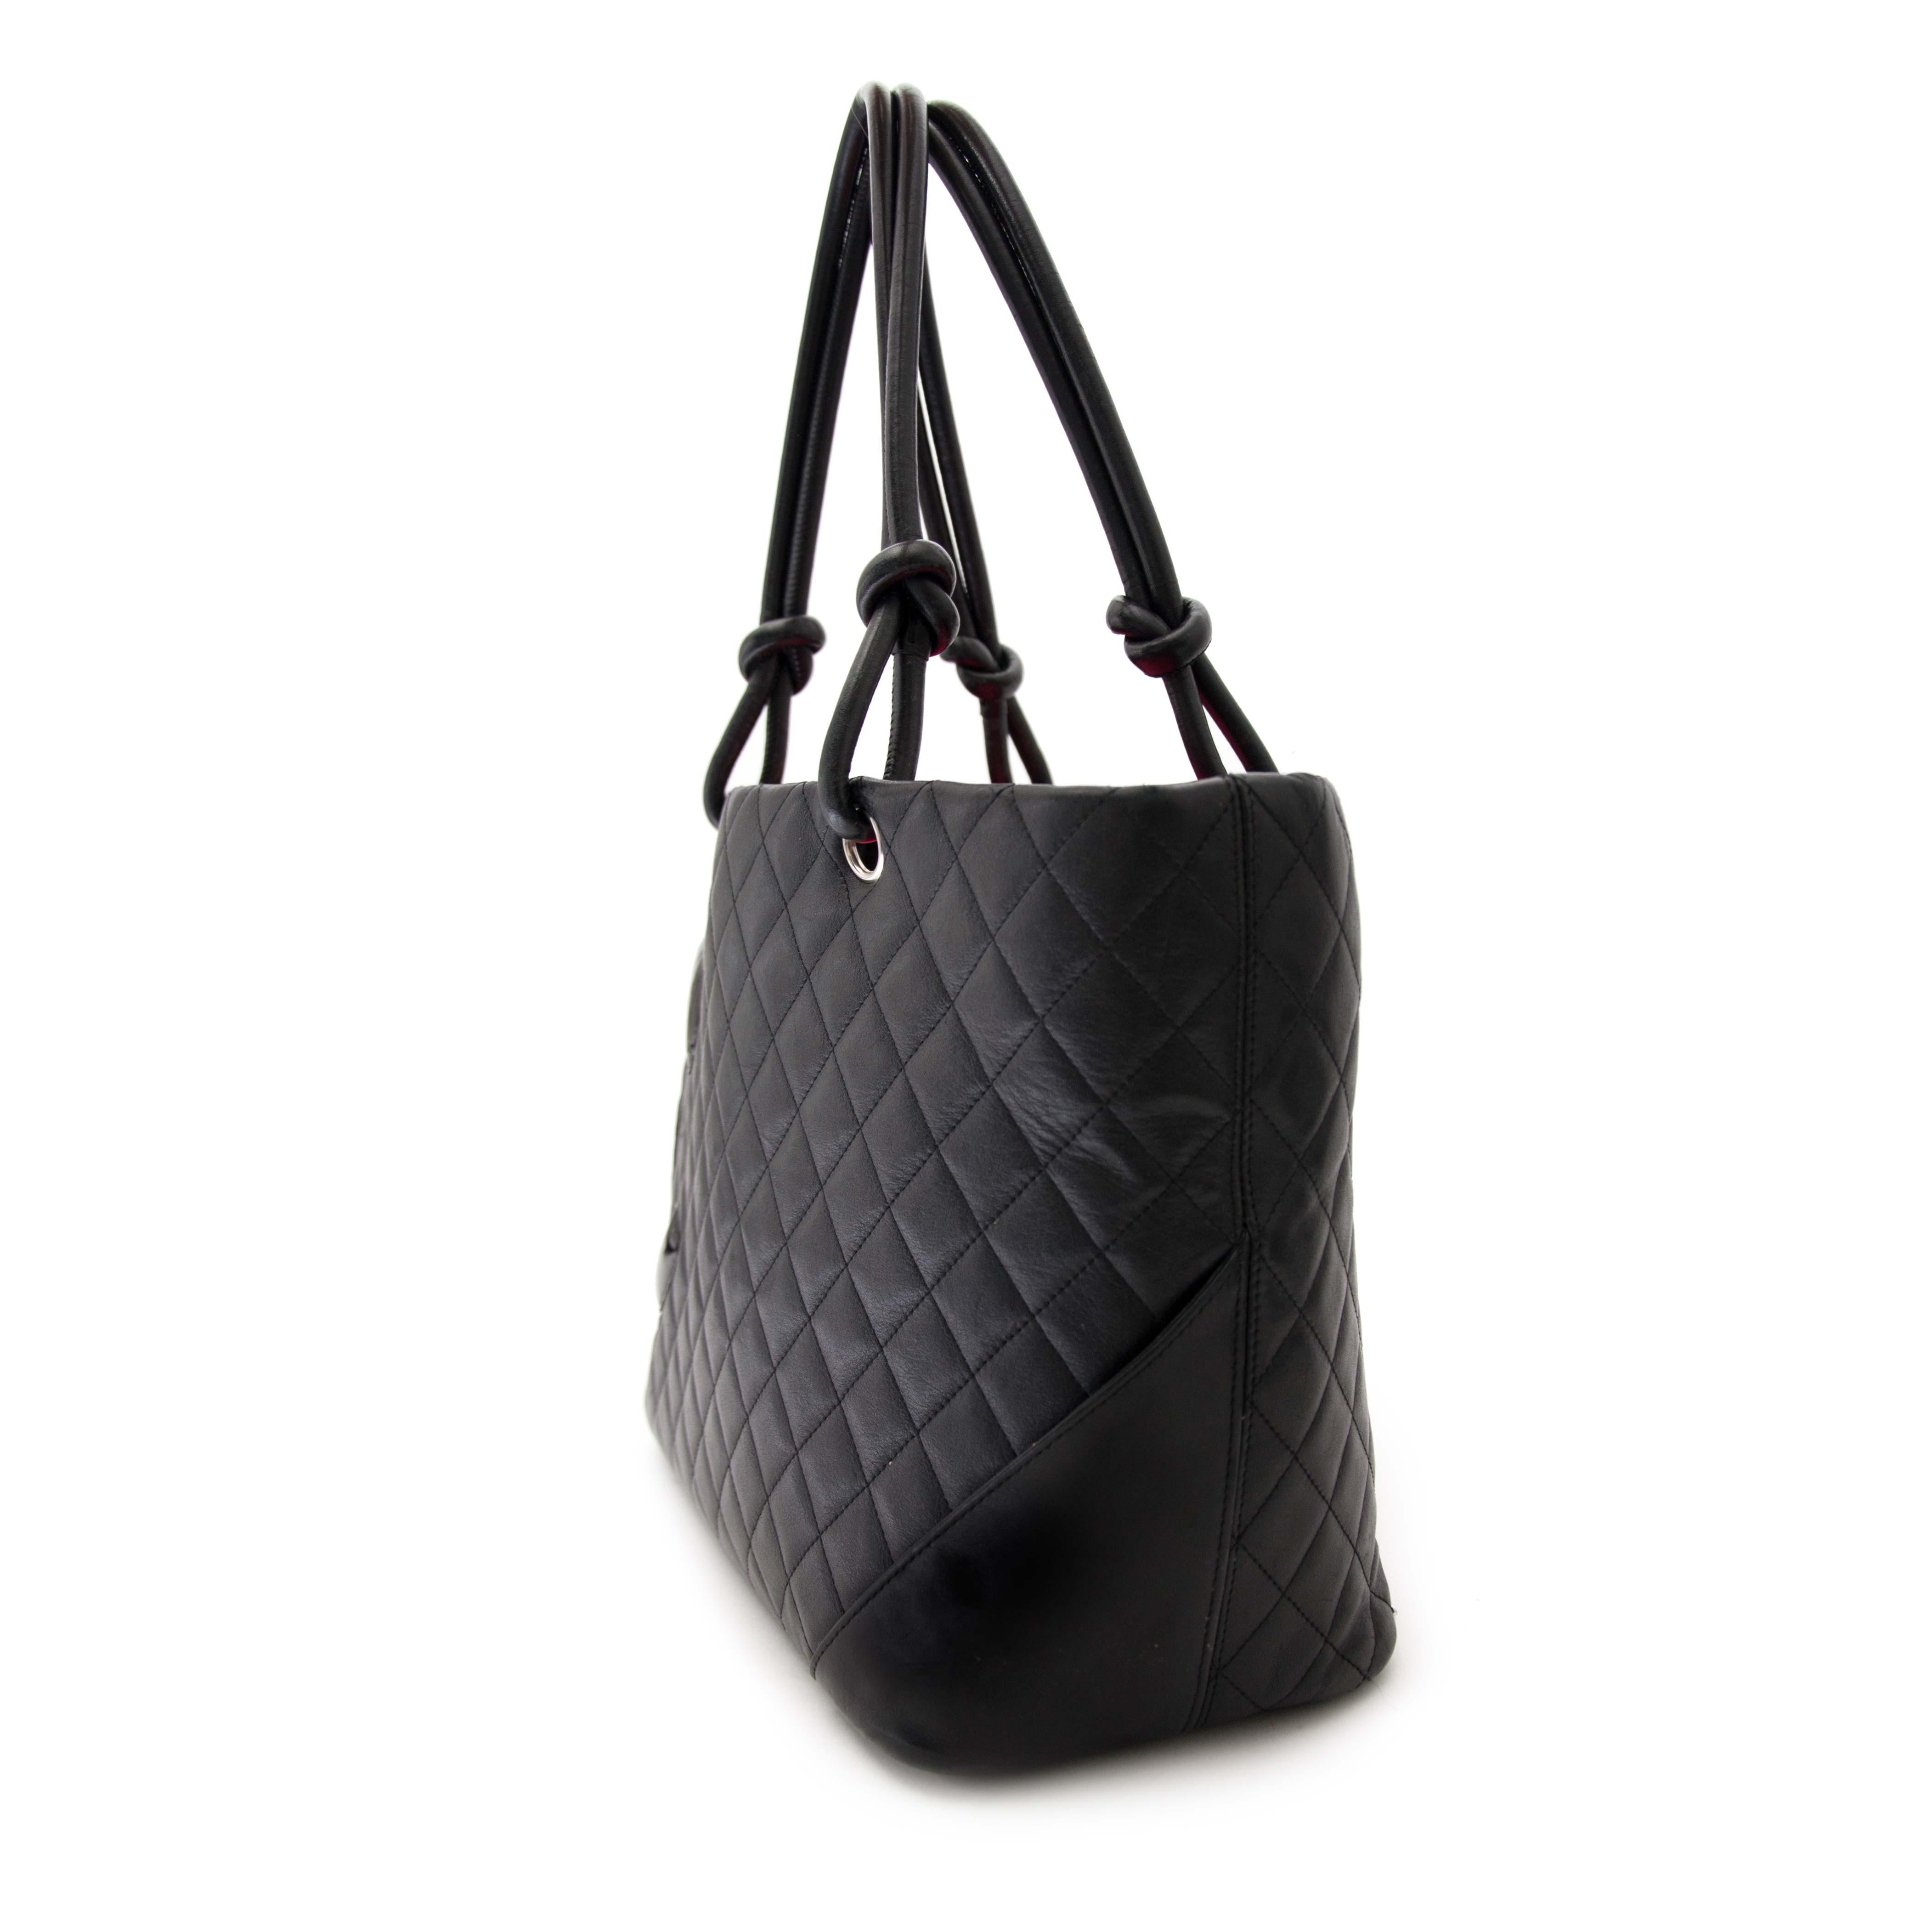 acheter en ligne pour le meilleur prix Chanel Black Cambon Shopping Tote